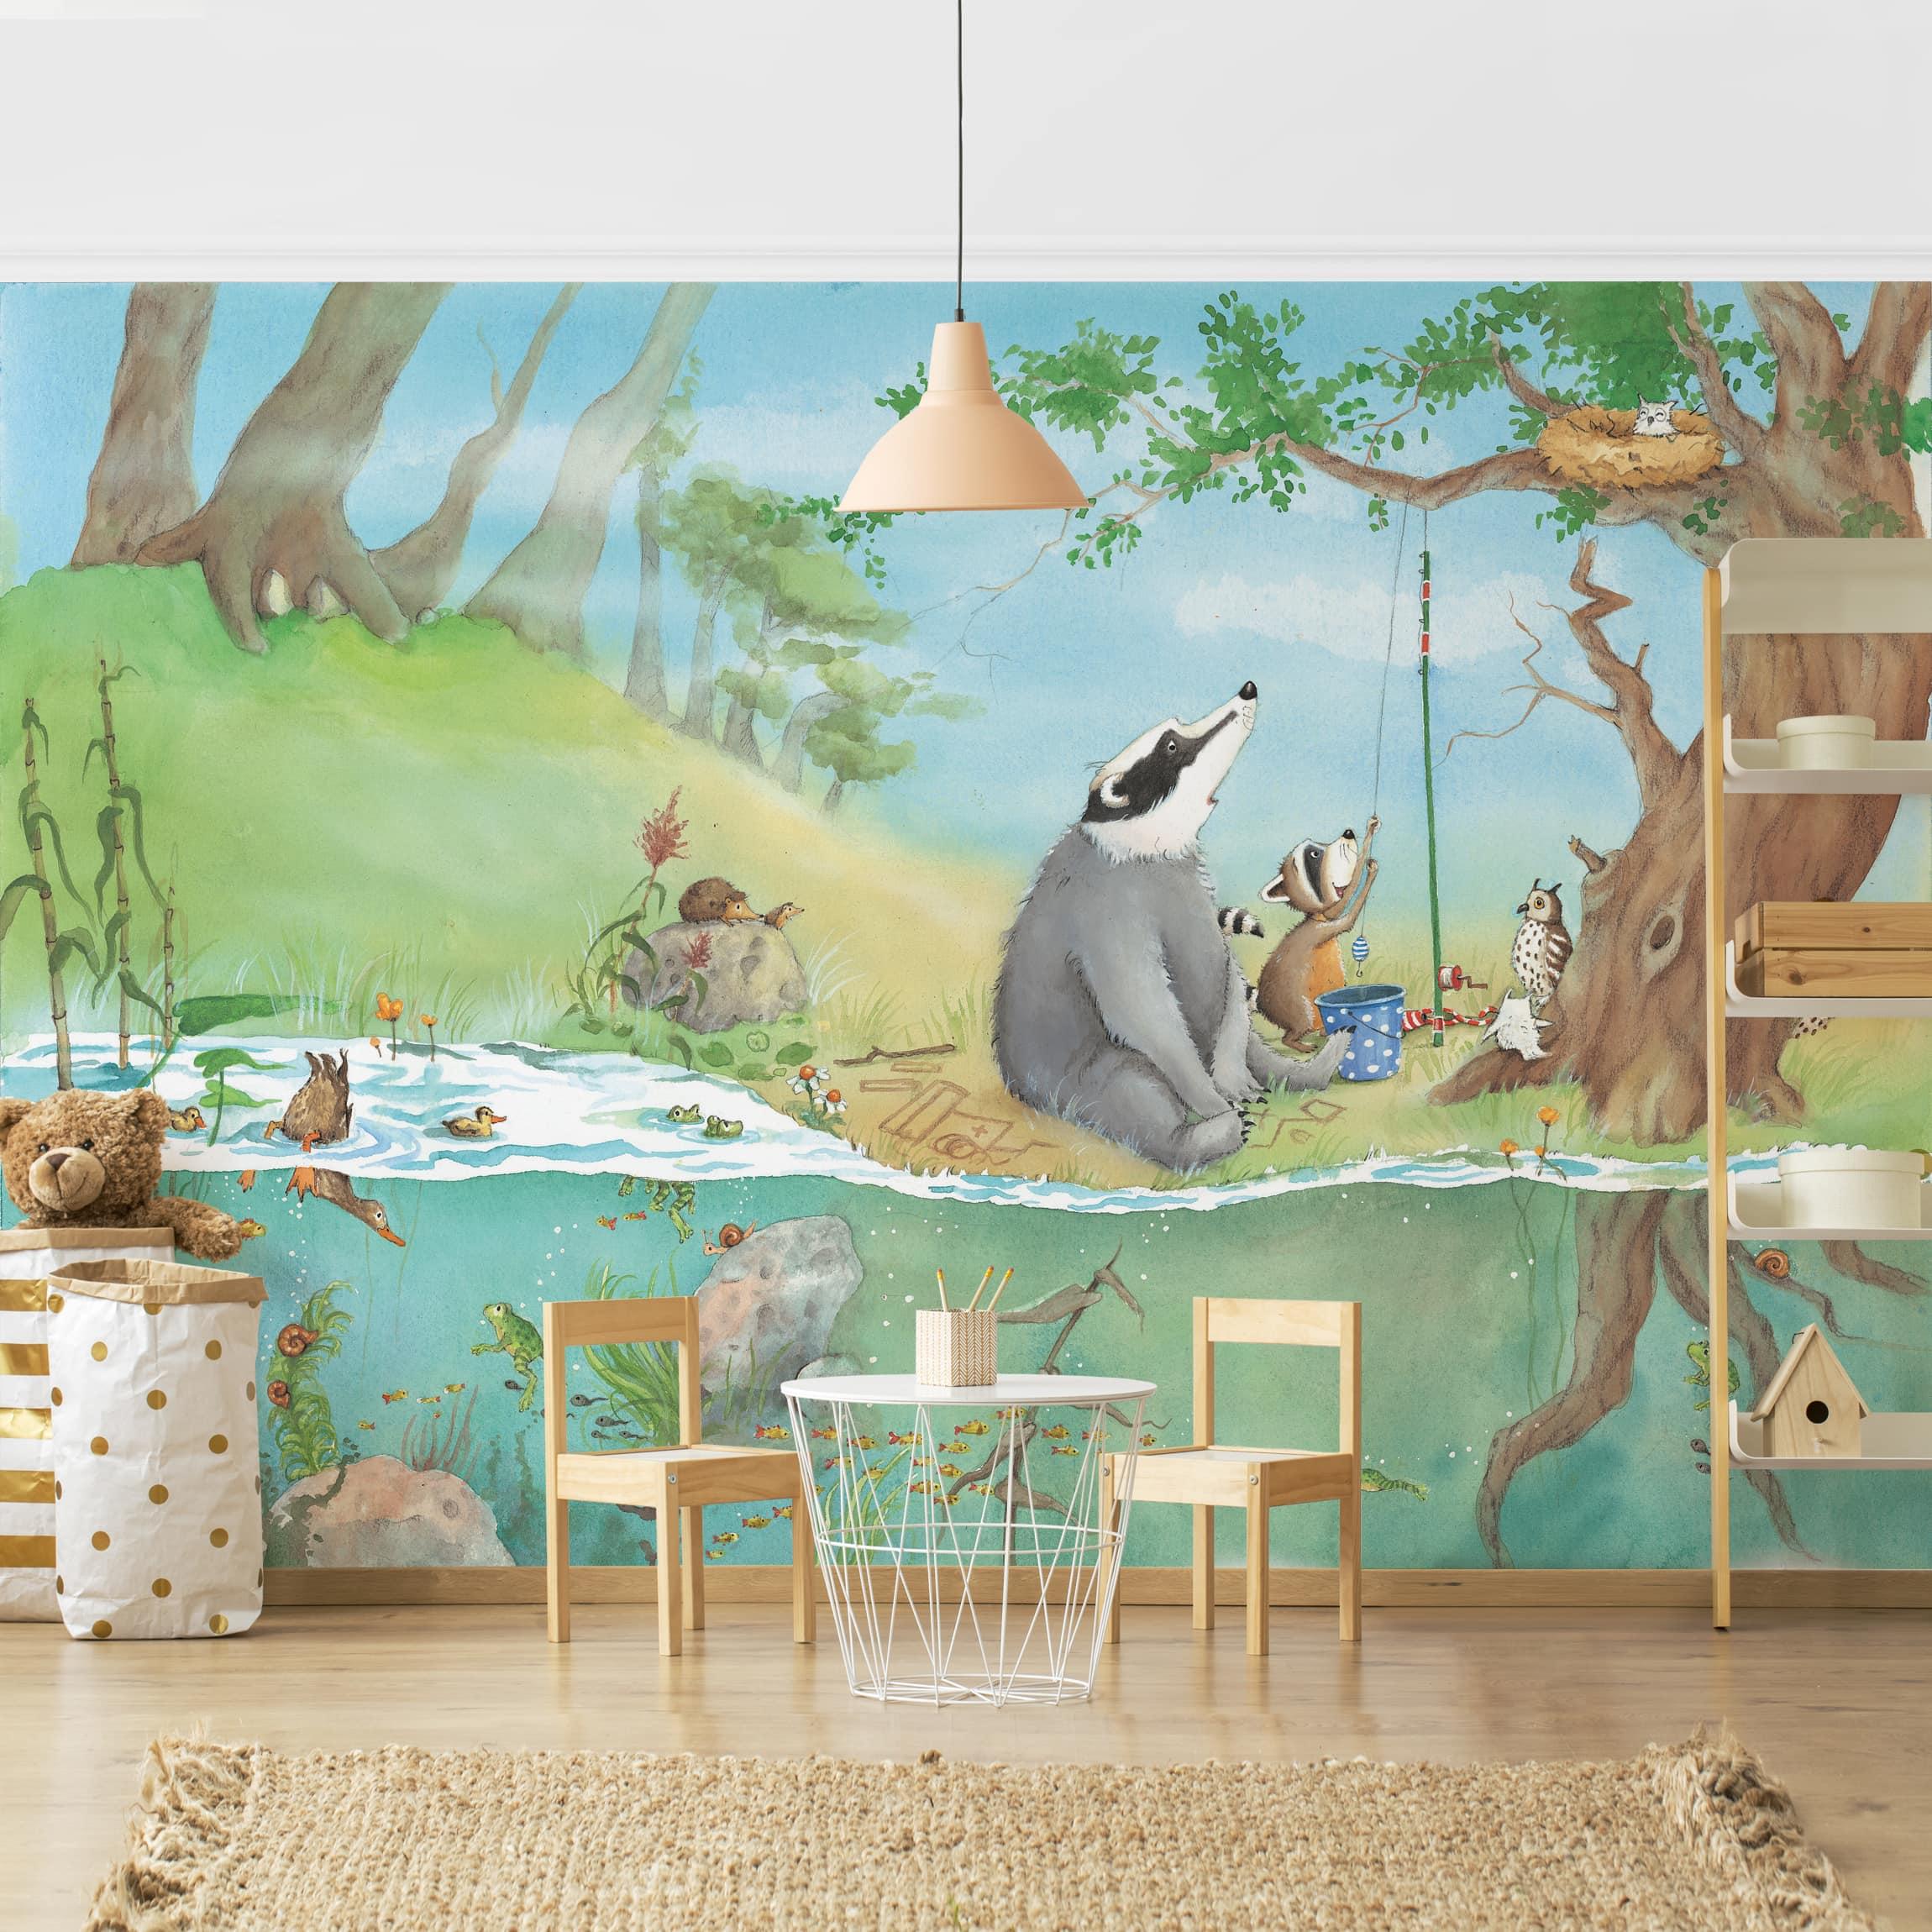 Full Size of Wandbild Kinderzimmer Selbstklebende Tapete Ein Fahrstuhl Fr Elsa Wandbilder Wohnzimmer Sofa Regal Weiß Schlafzimmer Regale Kinderzimmer Wandbild Kinderzimmer